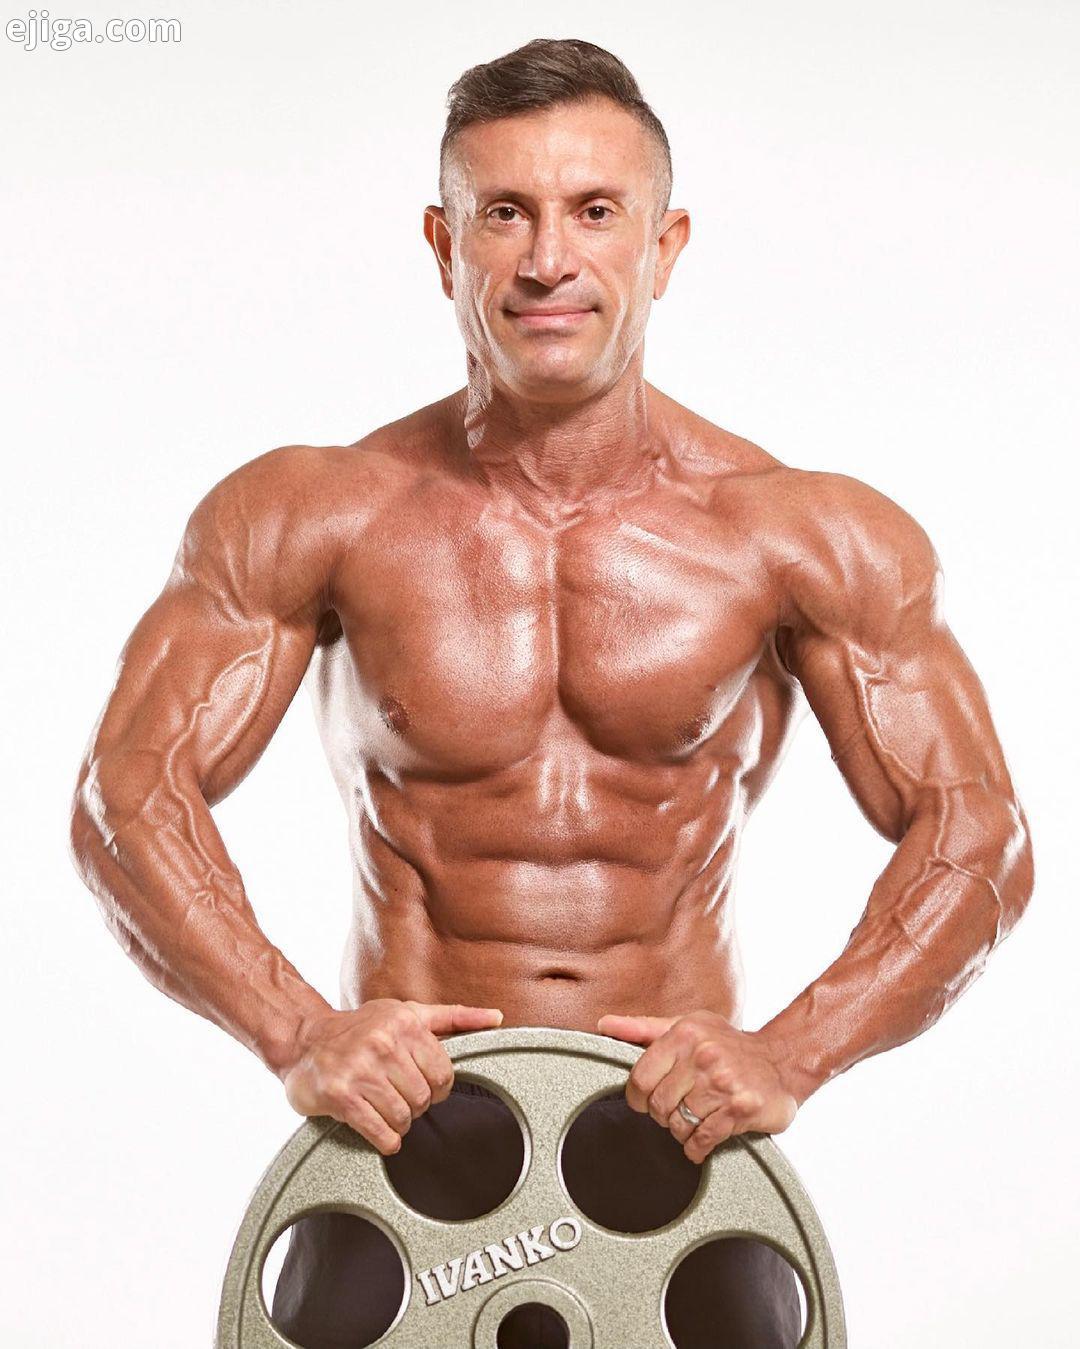 موفقیت یک سفر است نه یک مقصد SUCCESS IS JOURNEY NOT DESTINATION...azfitness alizolfi fitnessmotivati